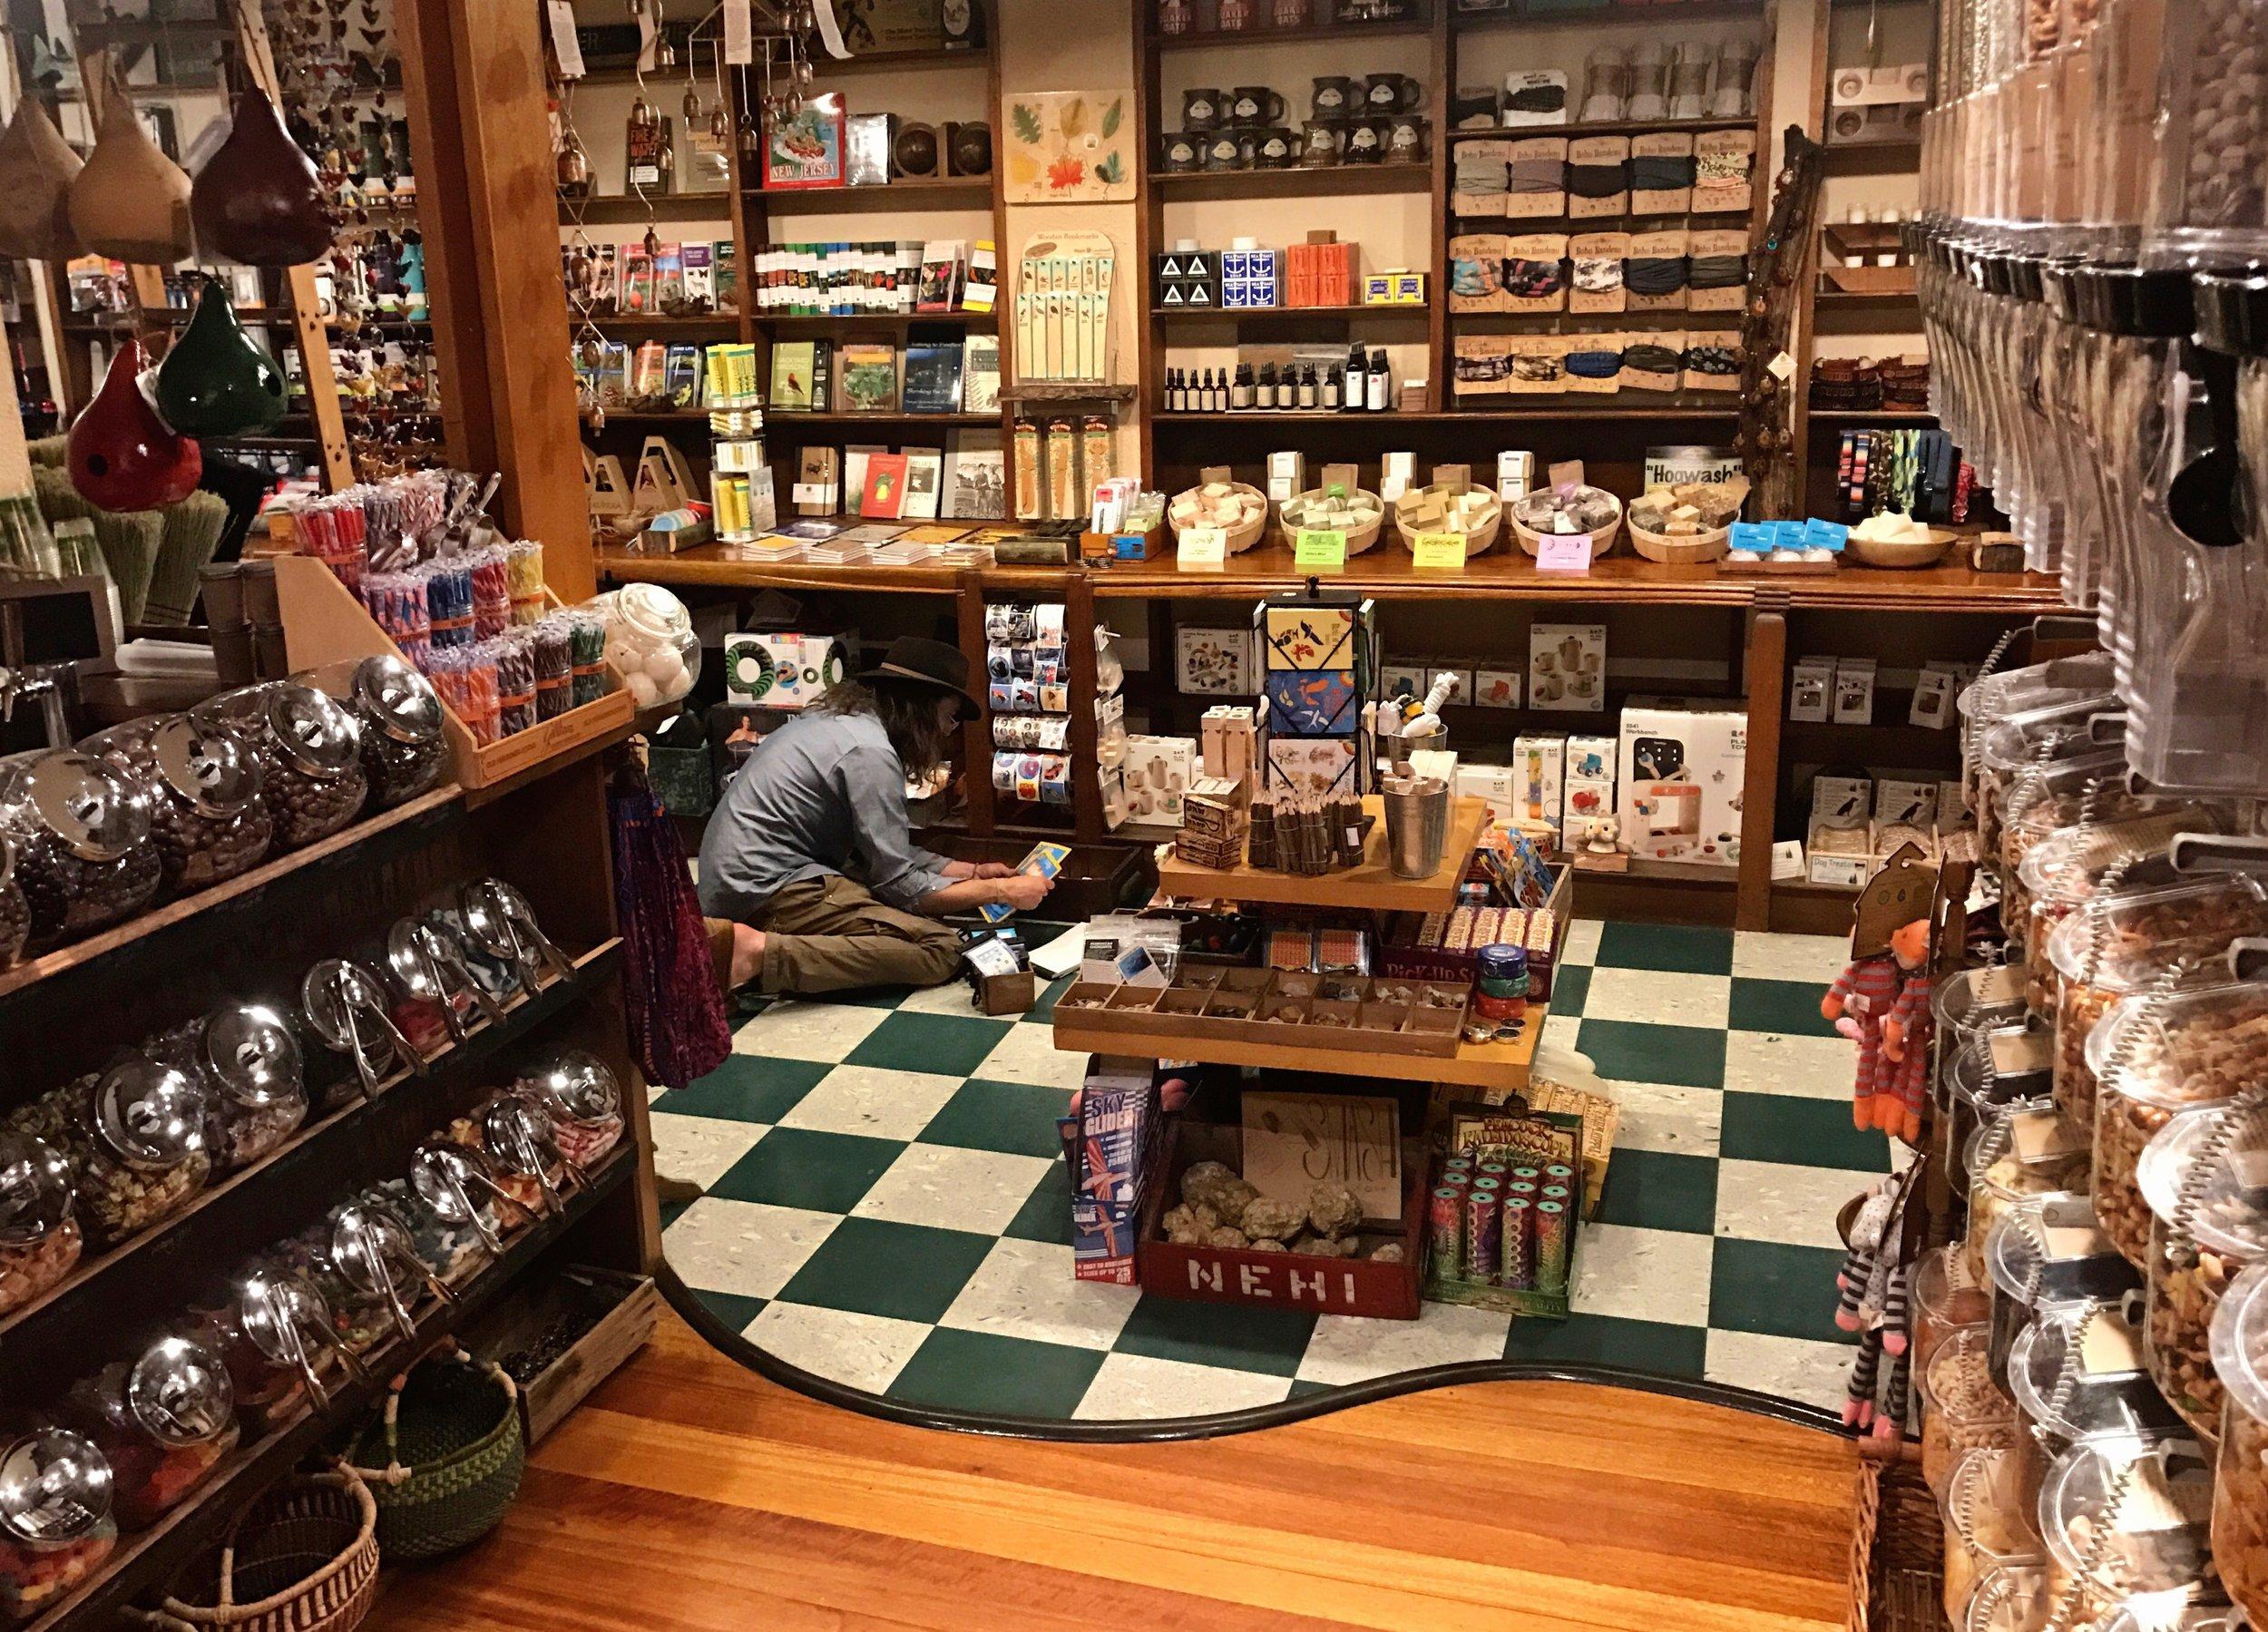 Visit Ouronline shop! -